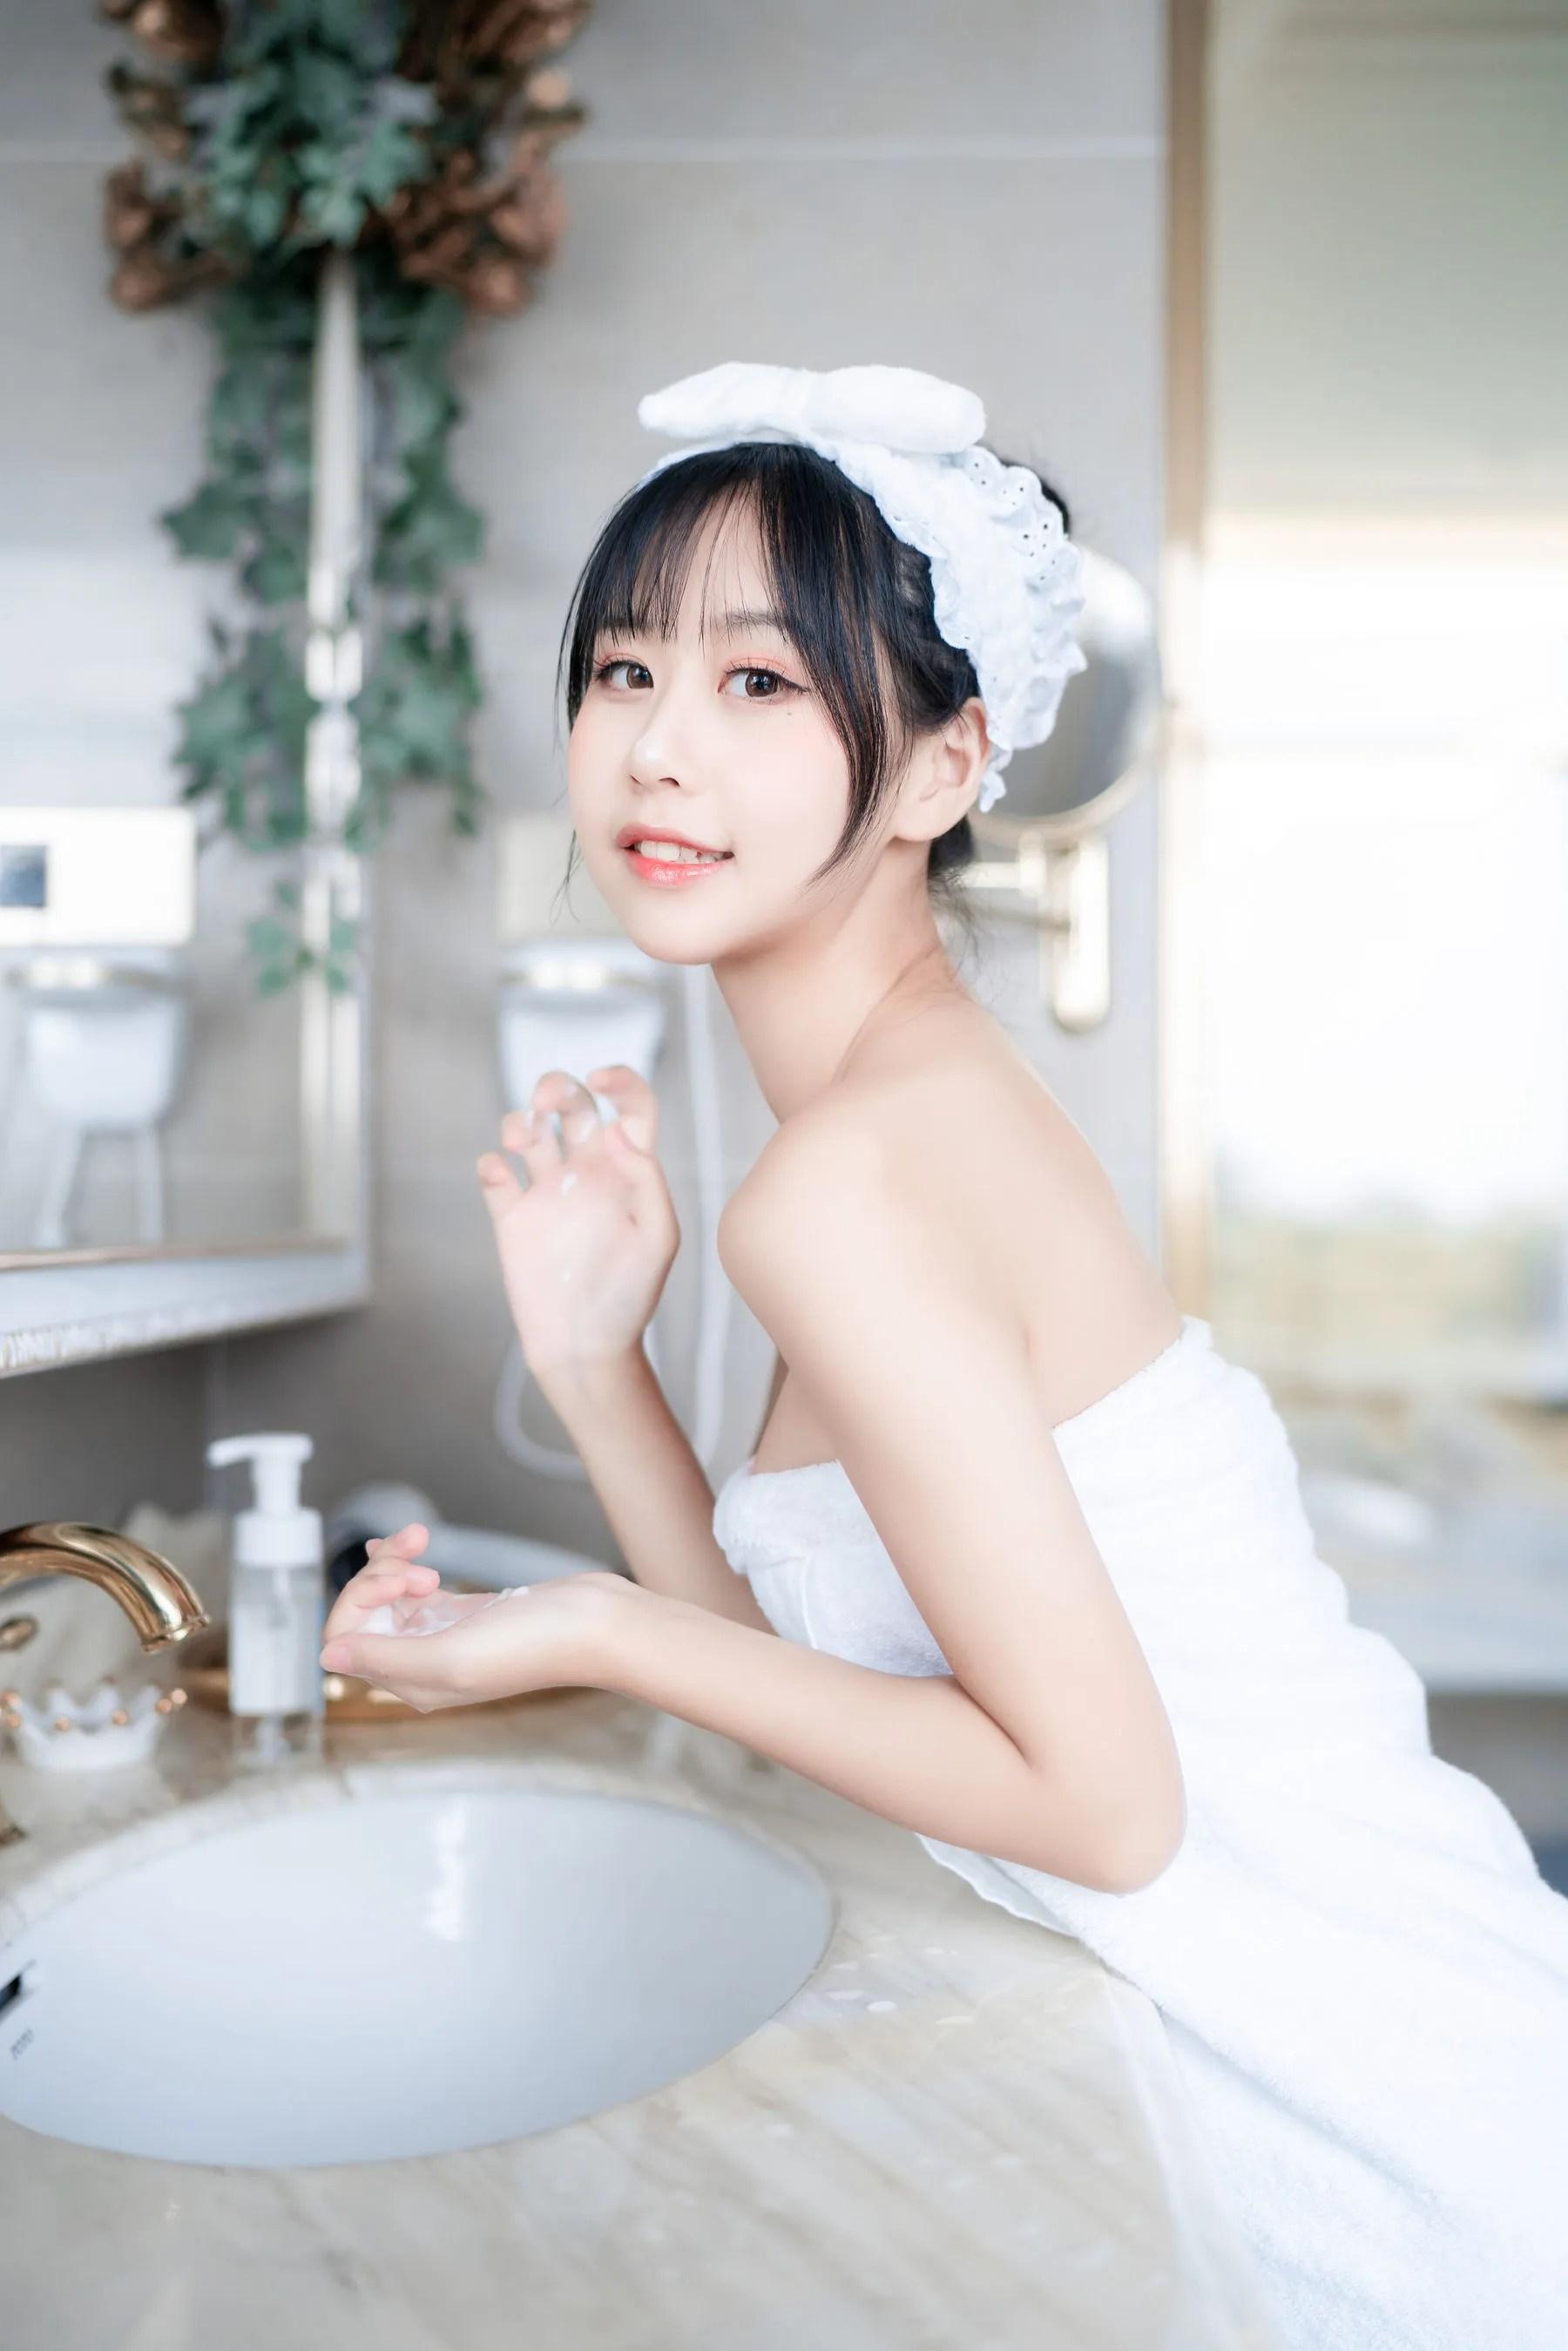 [COS福利] 阳光美少女萌芽儿o0插图(5)